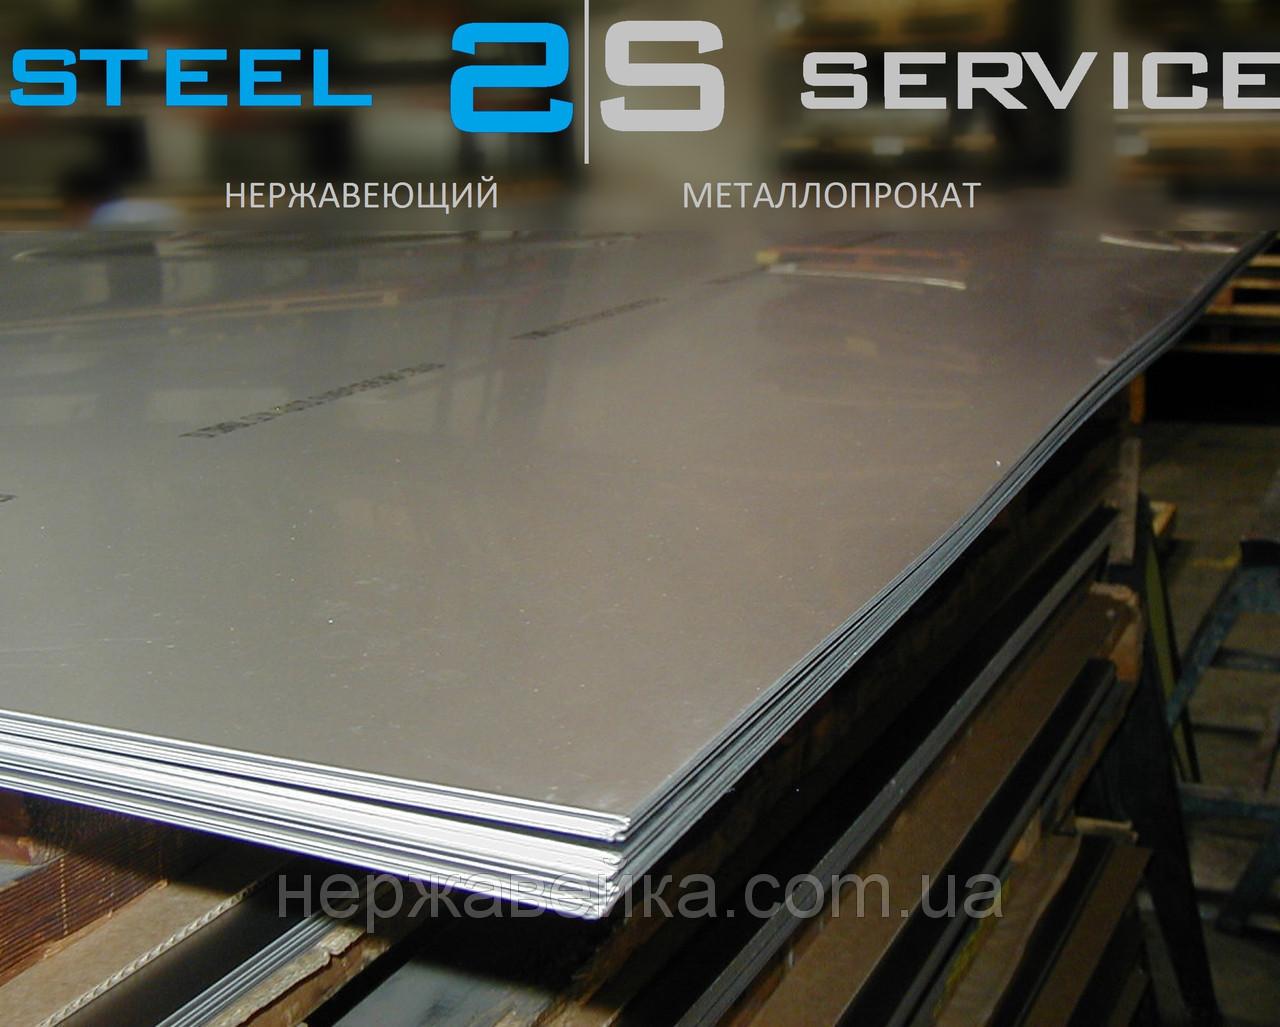 Нержавеющий лист 10х1250х2500мм  AISI 310(20Х23Н18) F1 - горячекатанный,  жаропрочный